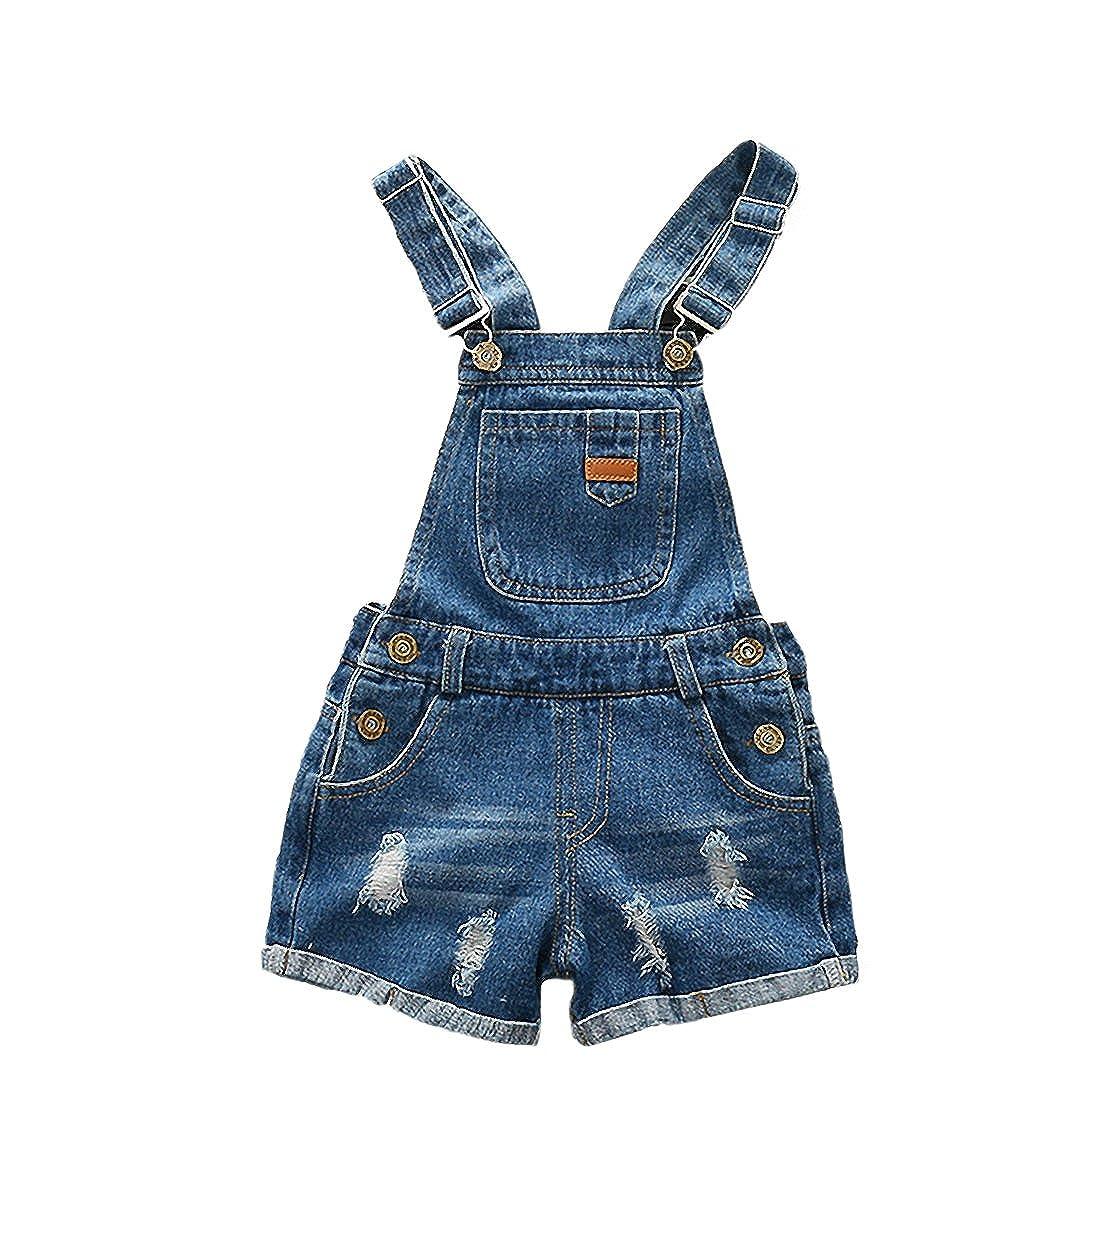 Kidscool Girls/Boys Big Bib Ripped Jeans Summer Shortall